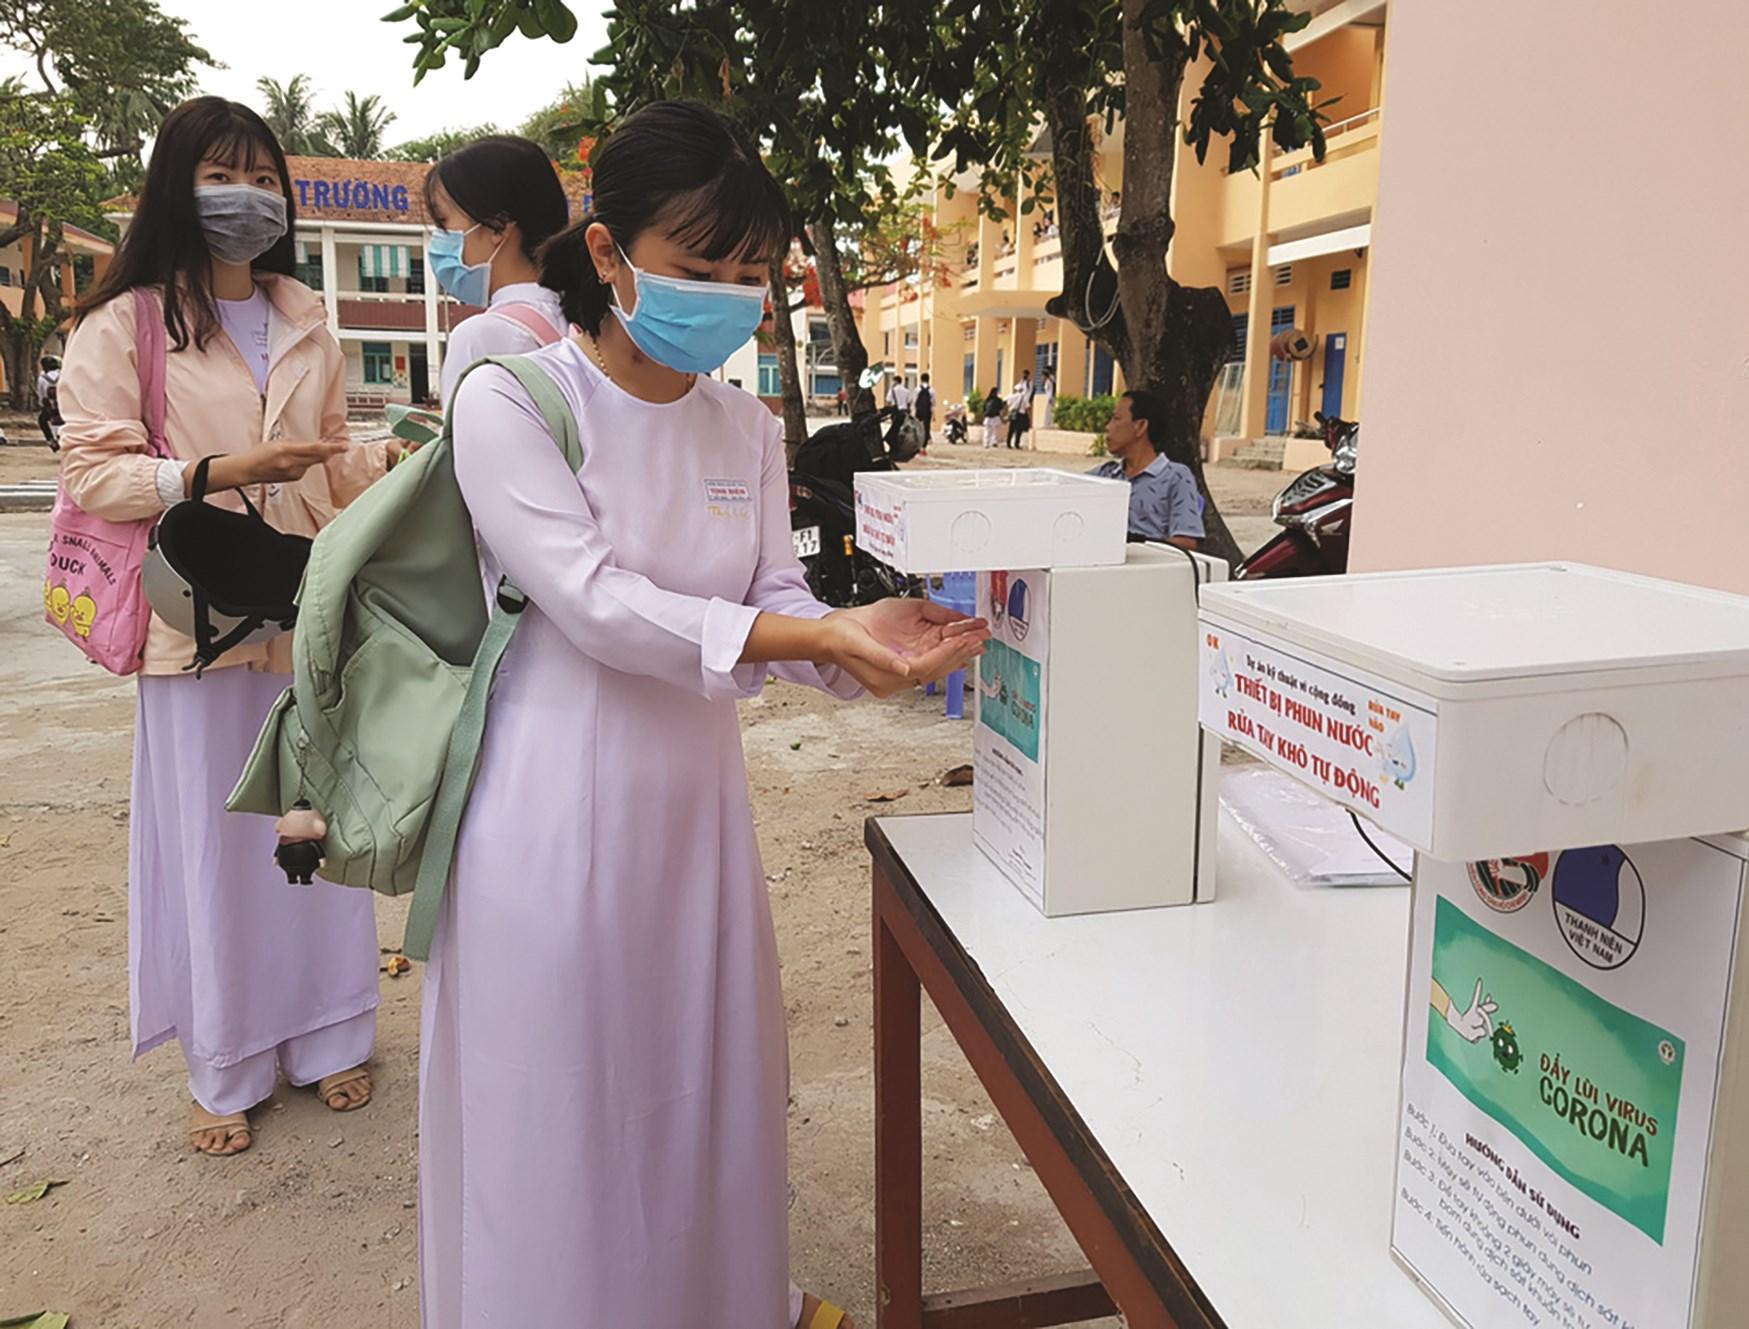 Học sinh lớp 12 của Trường THPT Tịnh Biên (Tịnh Biên, An Giang) đến trường sáng 27/4.